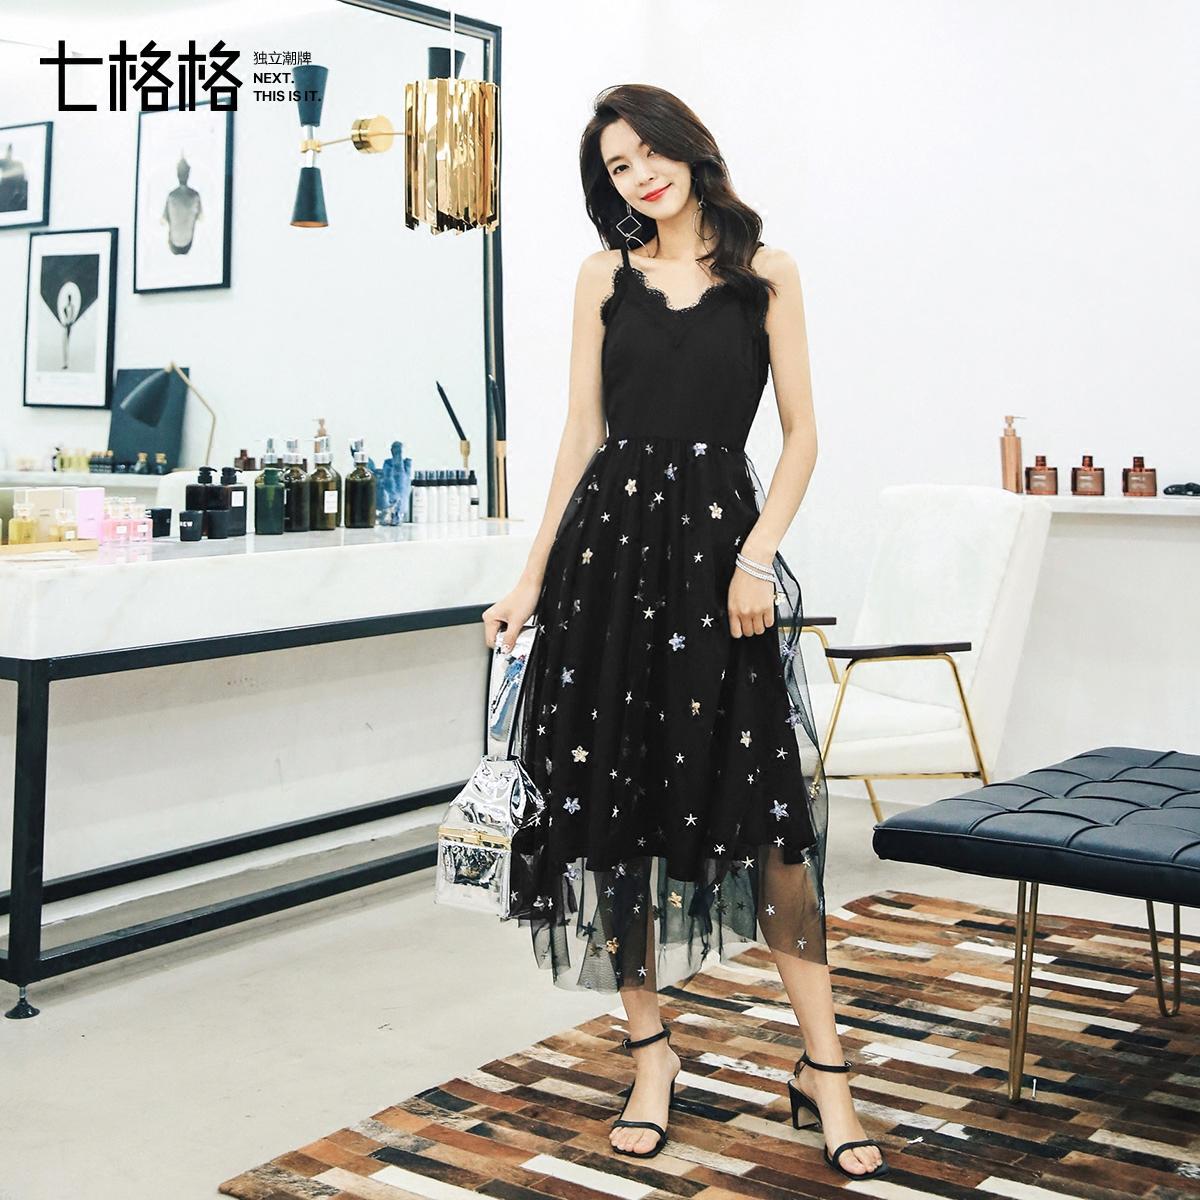 黑色蕾丝连衣裙子2018春季装新款性感中长款小礼服吊带裙女夏外穿